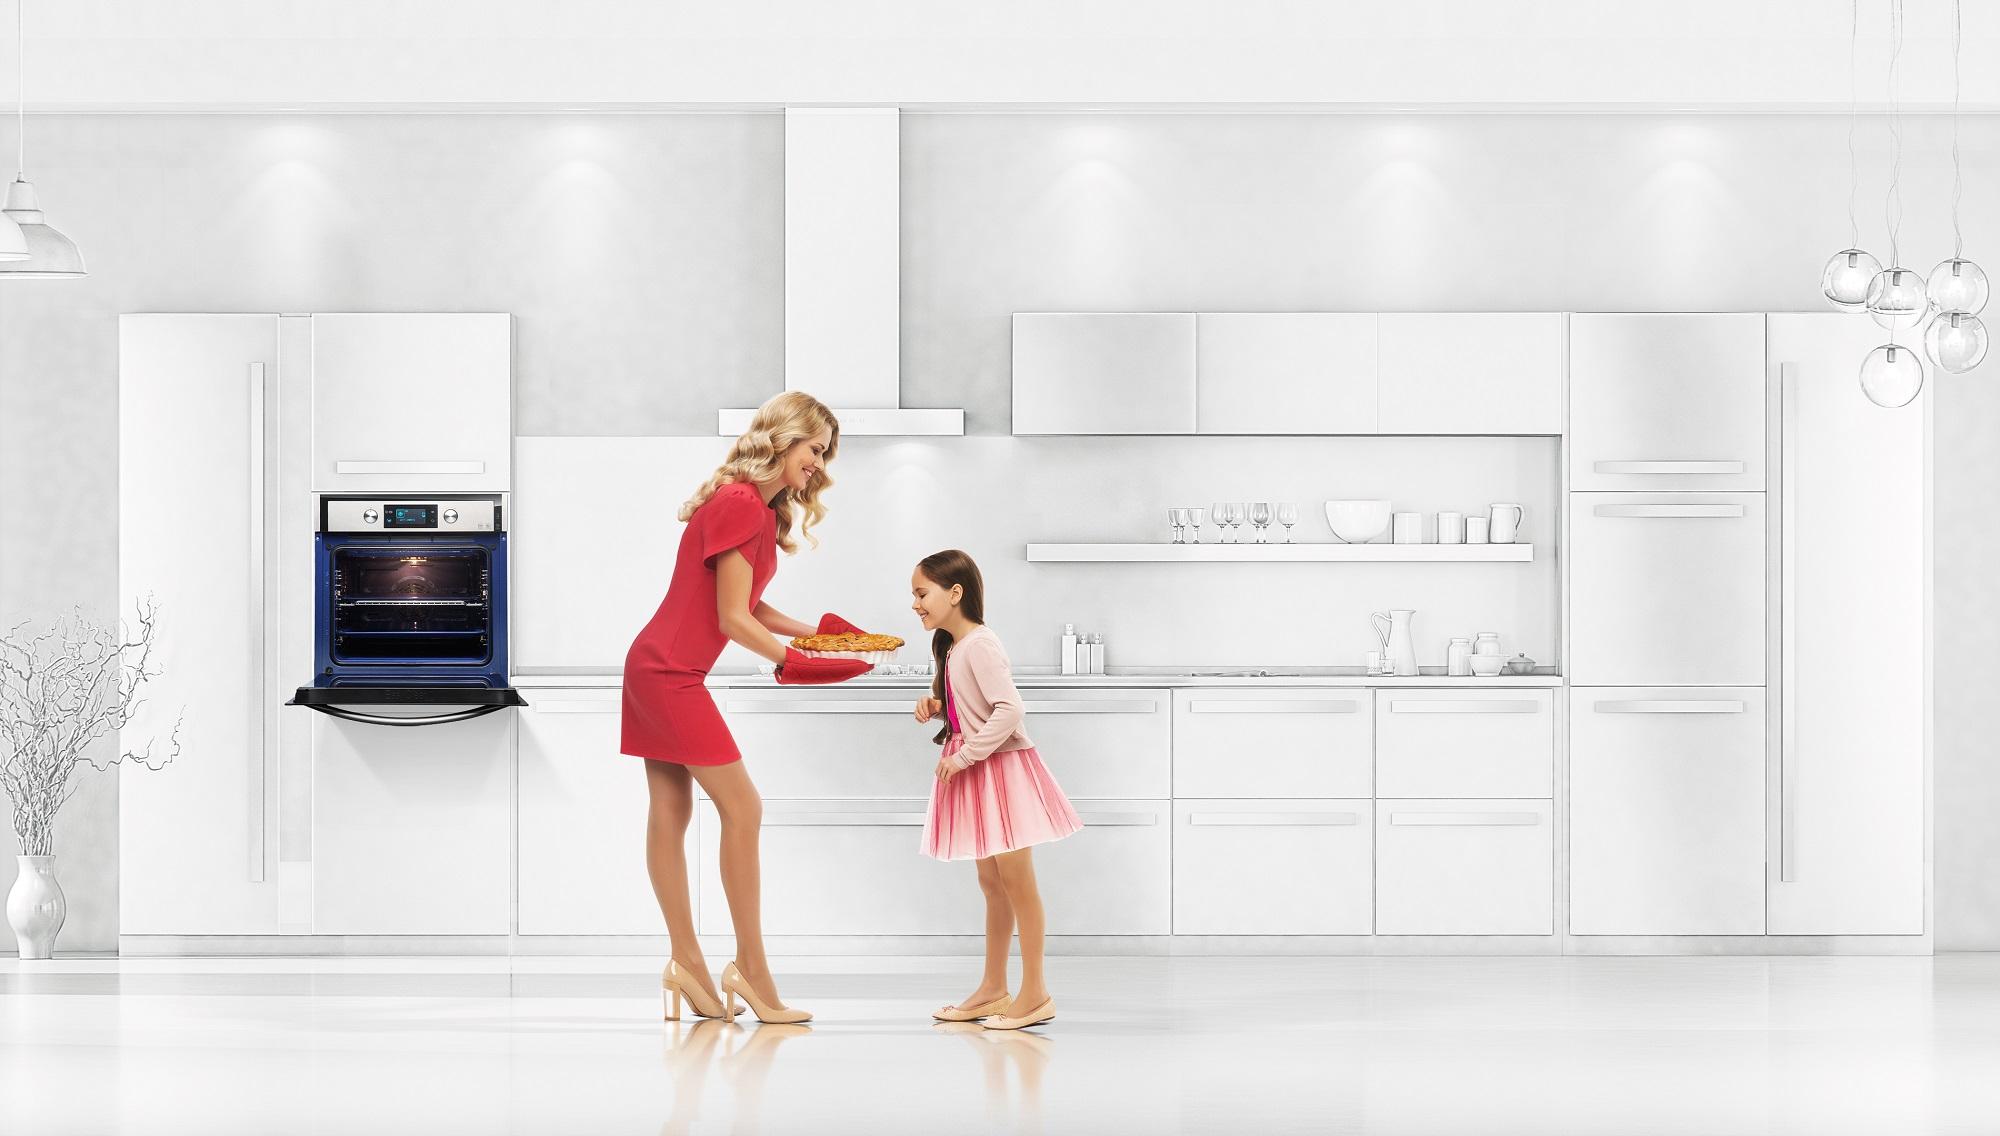 LG Electronics проводит кампанию «Невидимые технологии заботы»   галерея [1] фото [3]